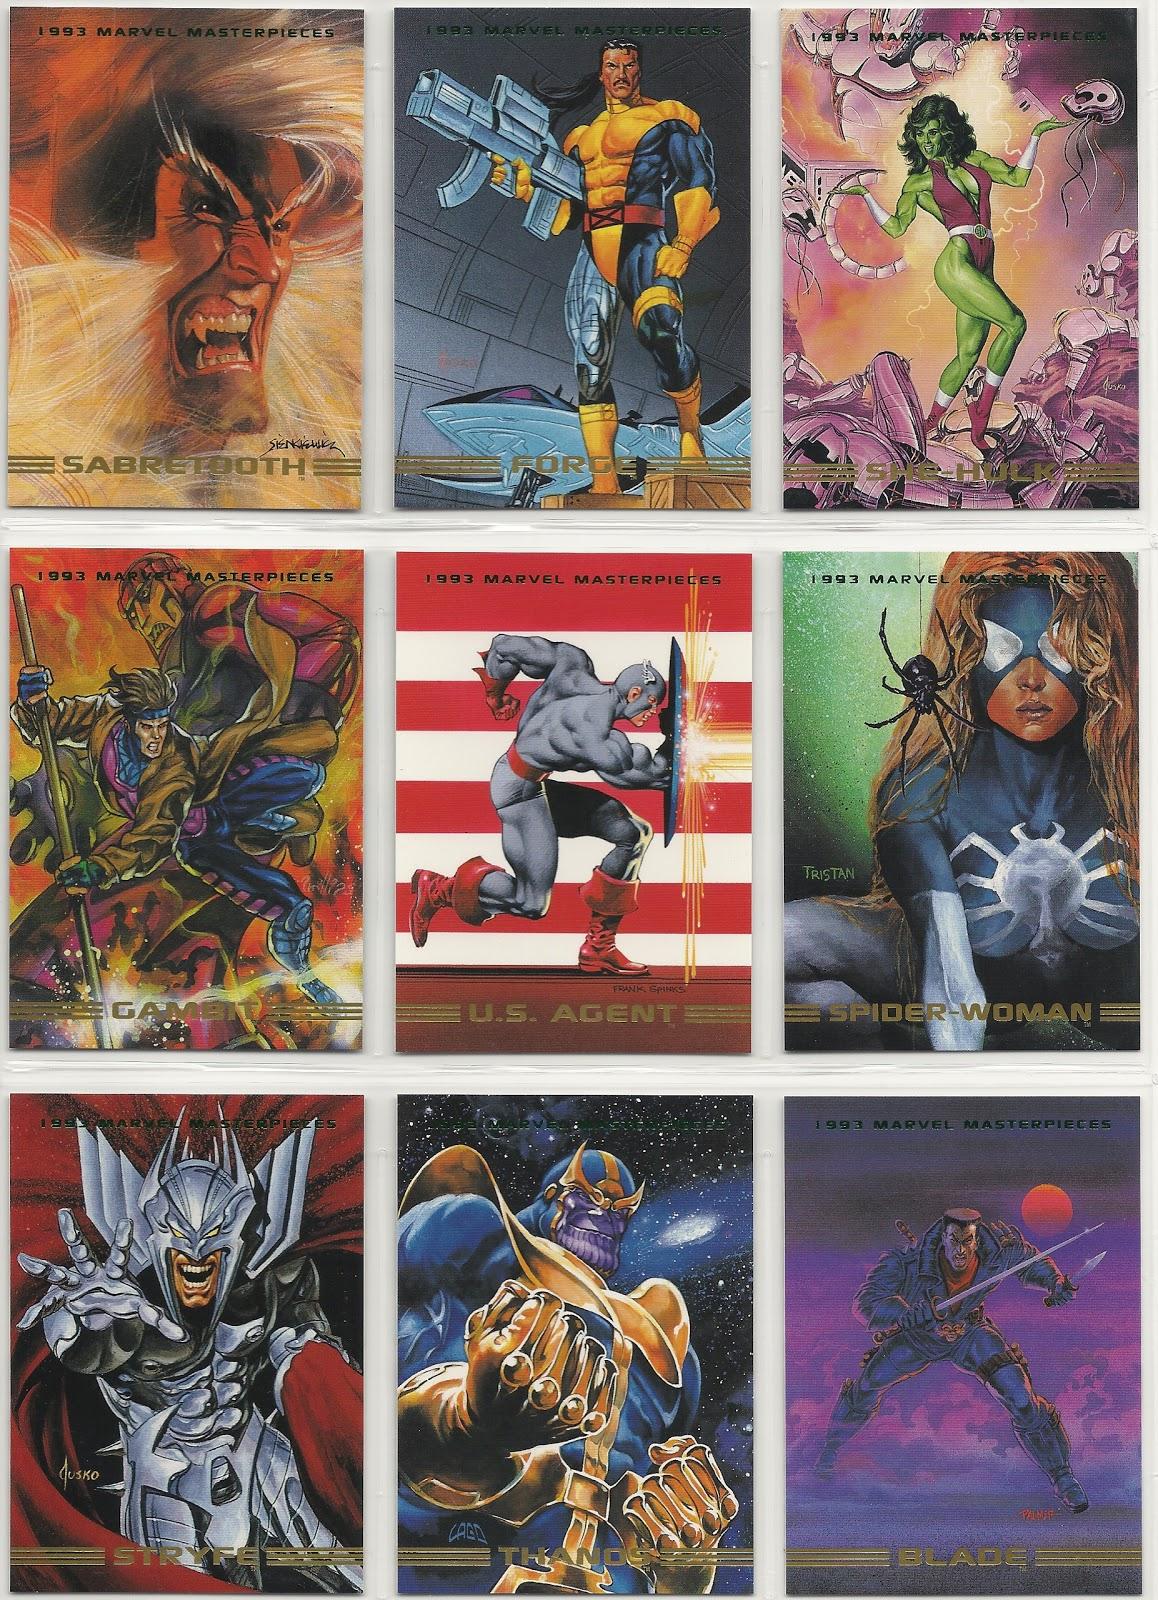 Niesportowe karty na wymianę 1993 Marvel Masterpieces BASE Trading Card #30 Karty na wymianę SHE-HULK